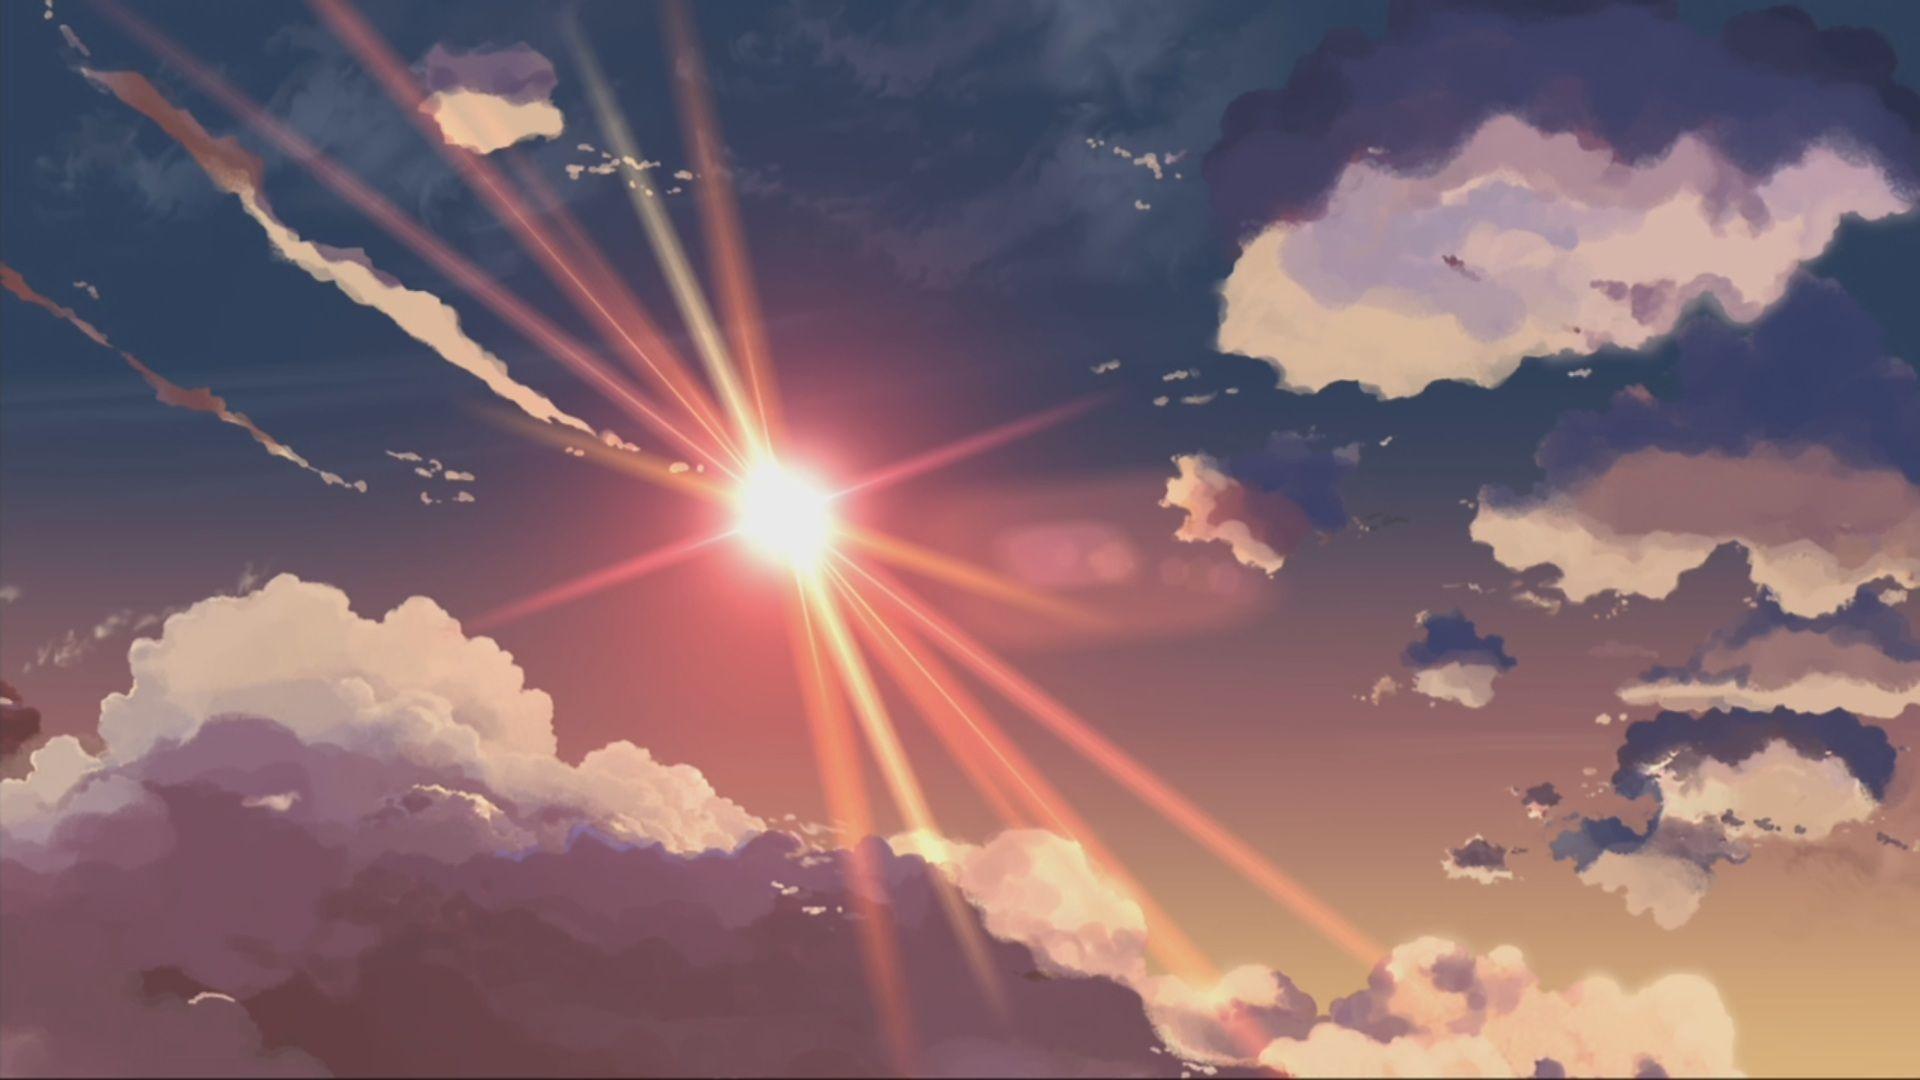 Anime Scenery HD Wallpapers and Backgrounds Облака, Обои